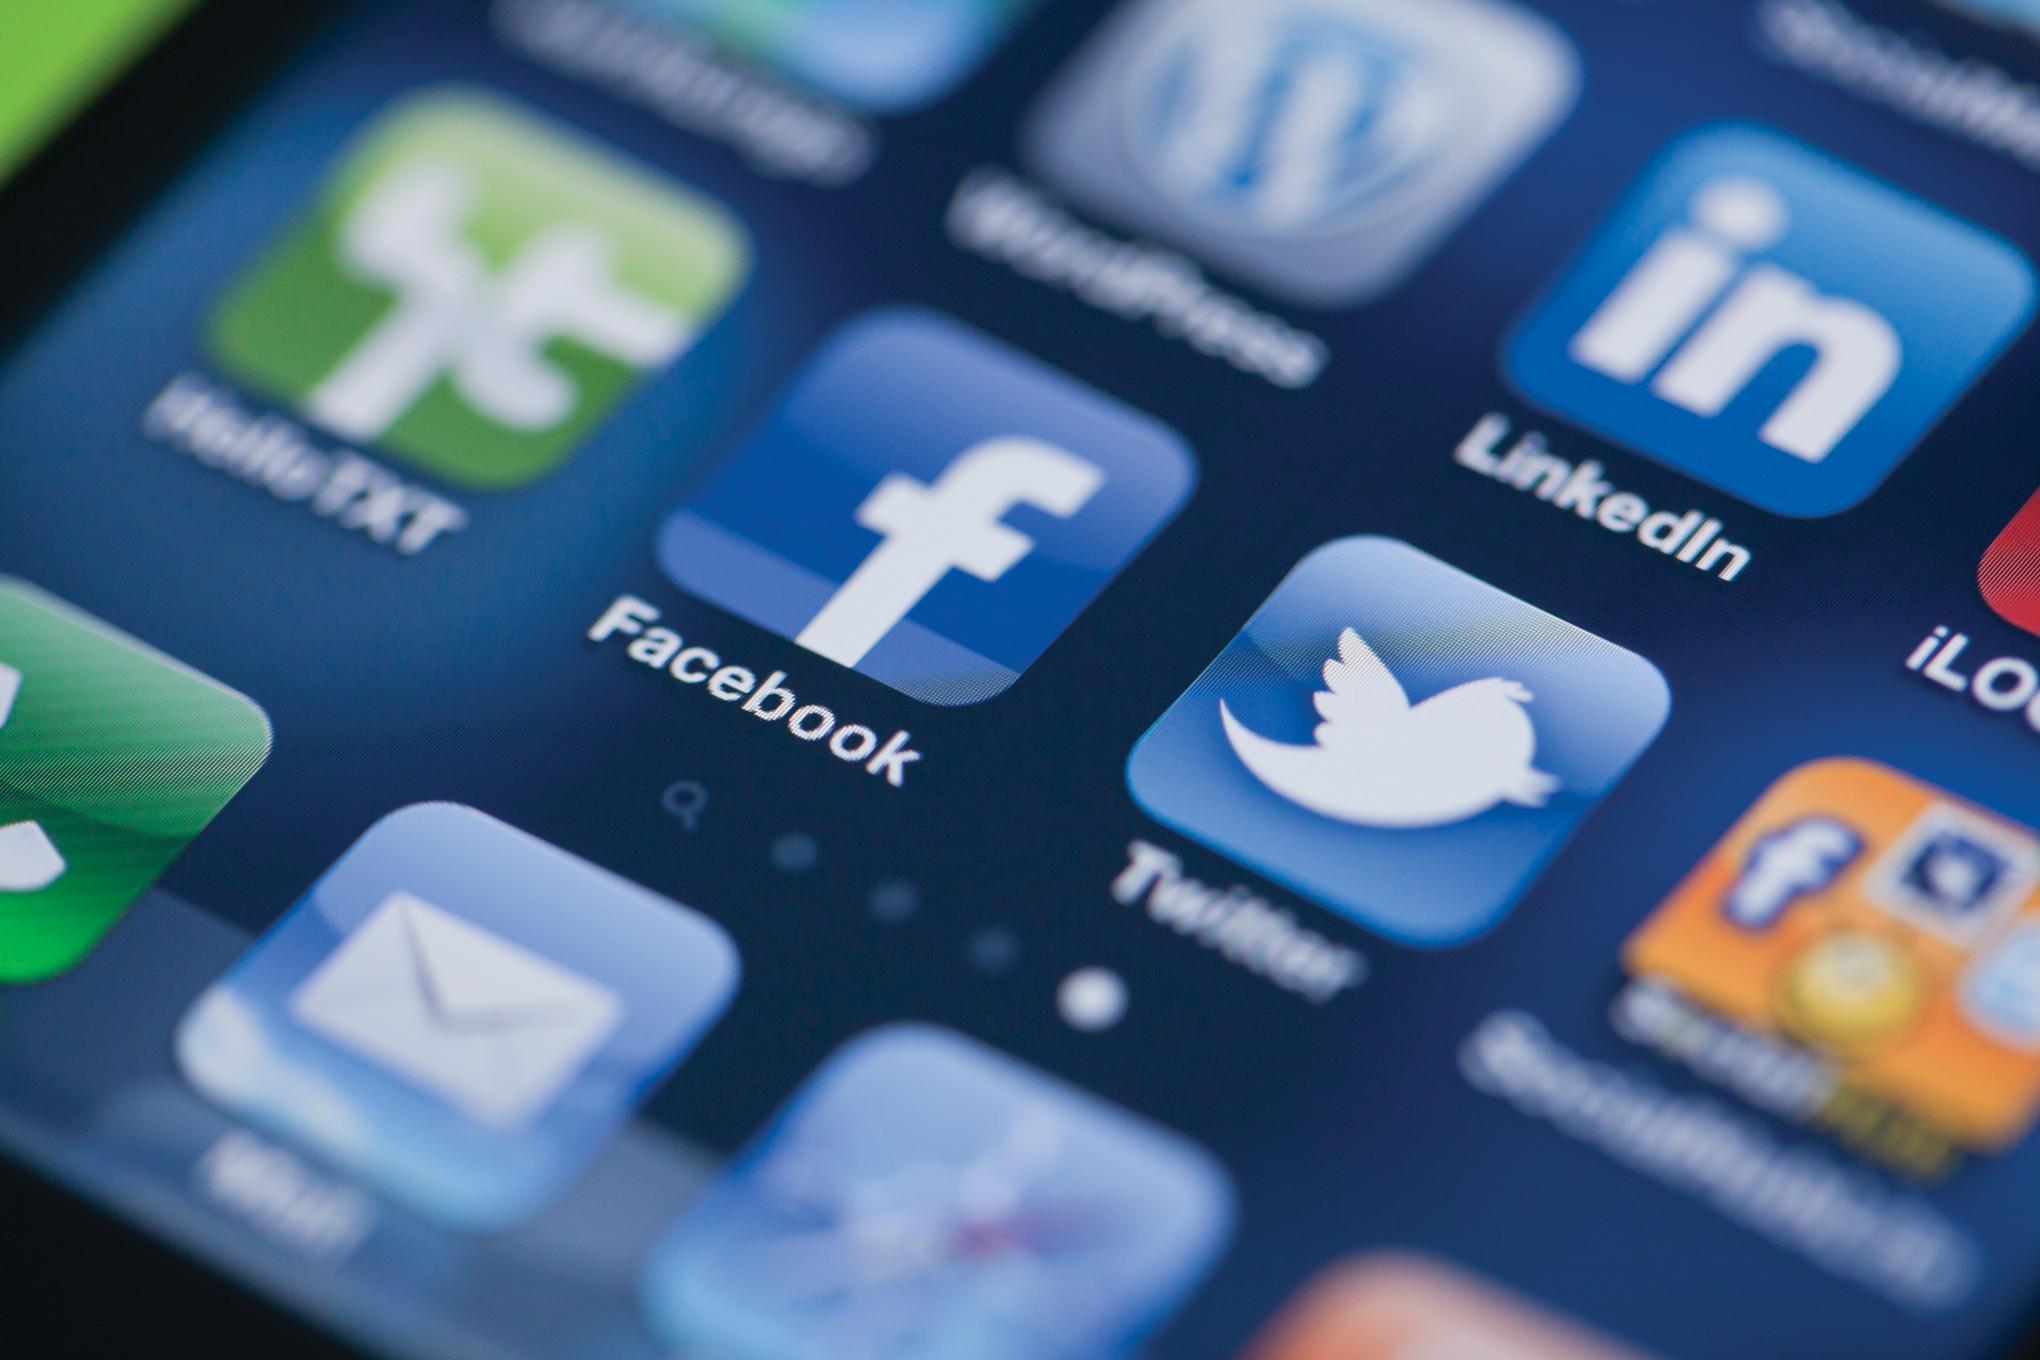 Твиттер и социальная сеть Facebook запускают новые инструменты для отслеживания рекламы